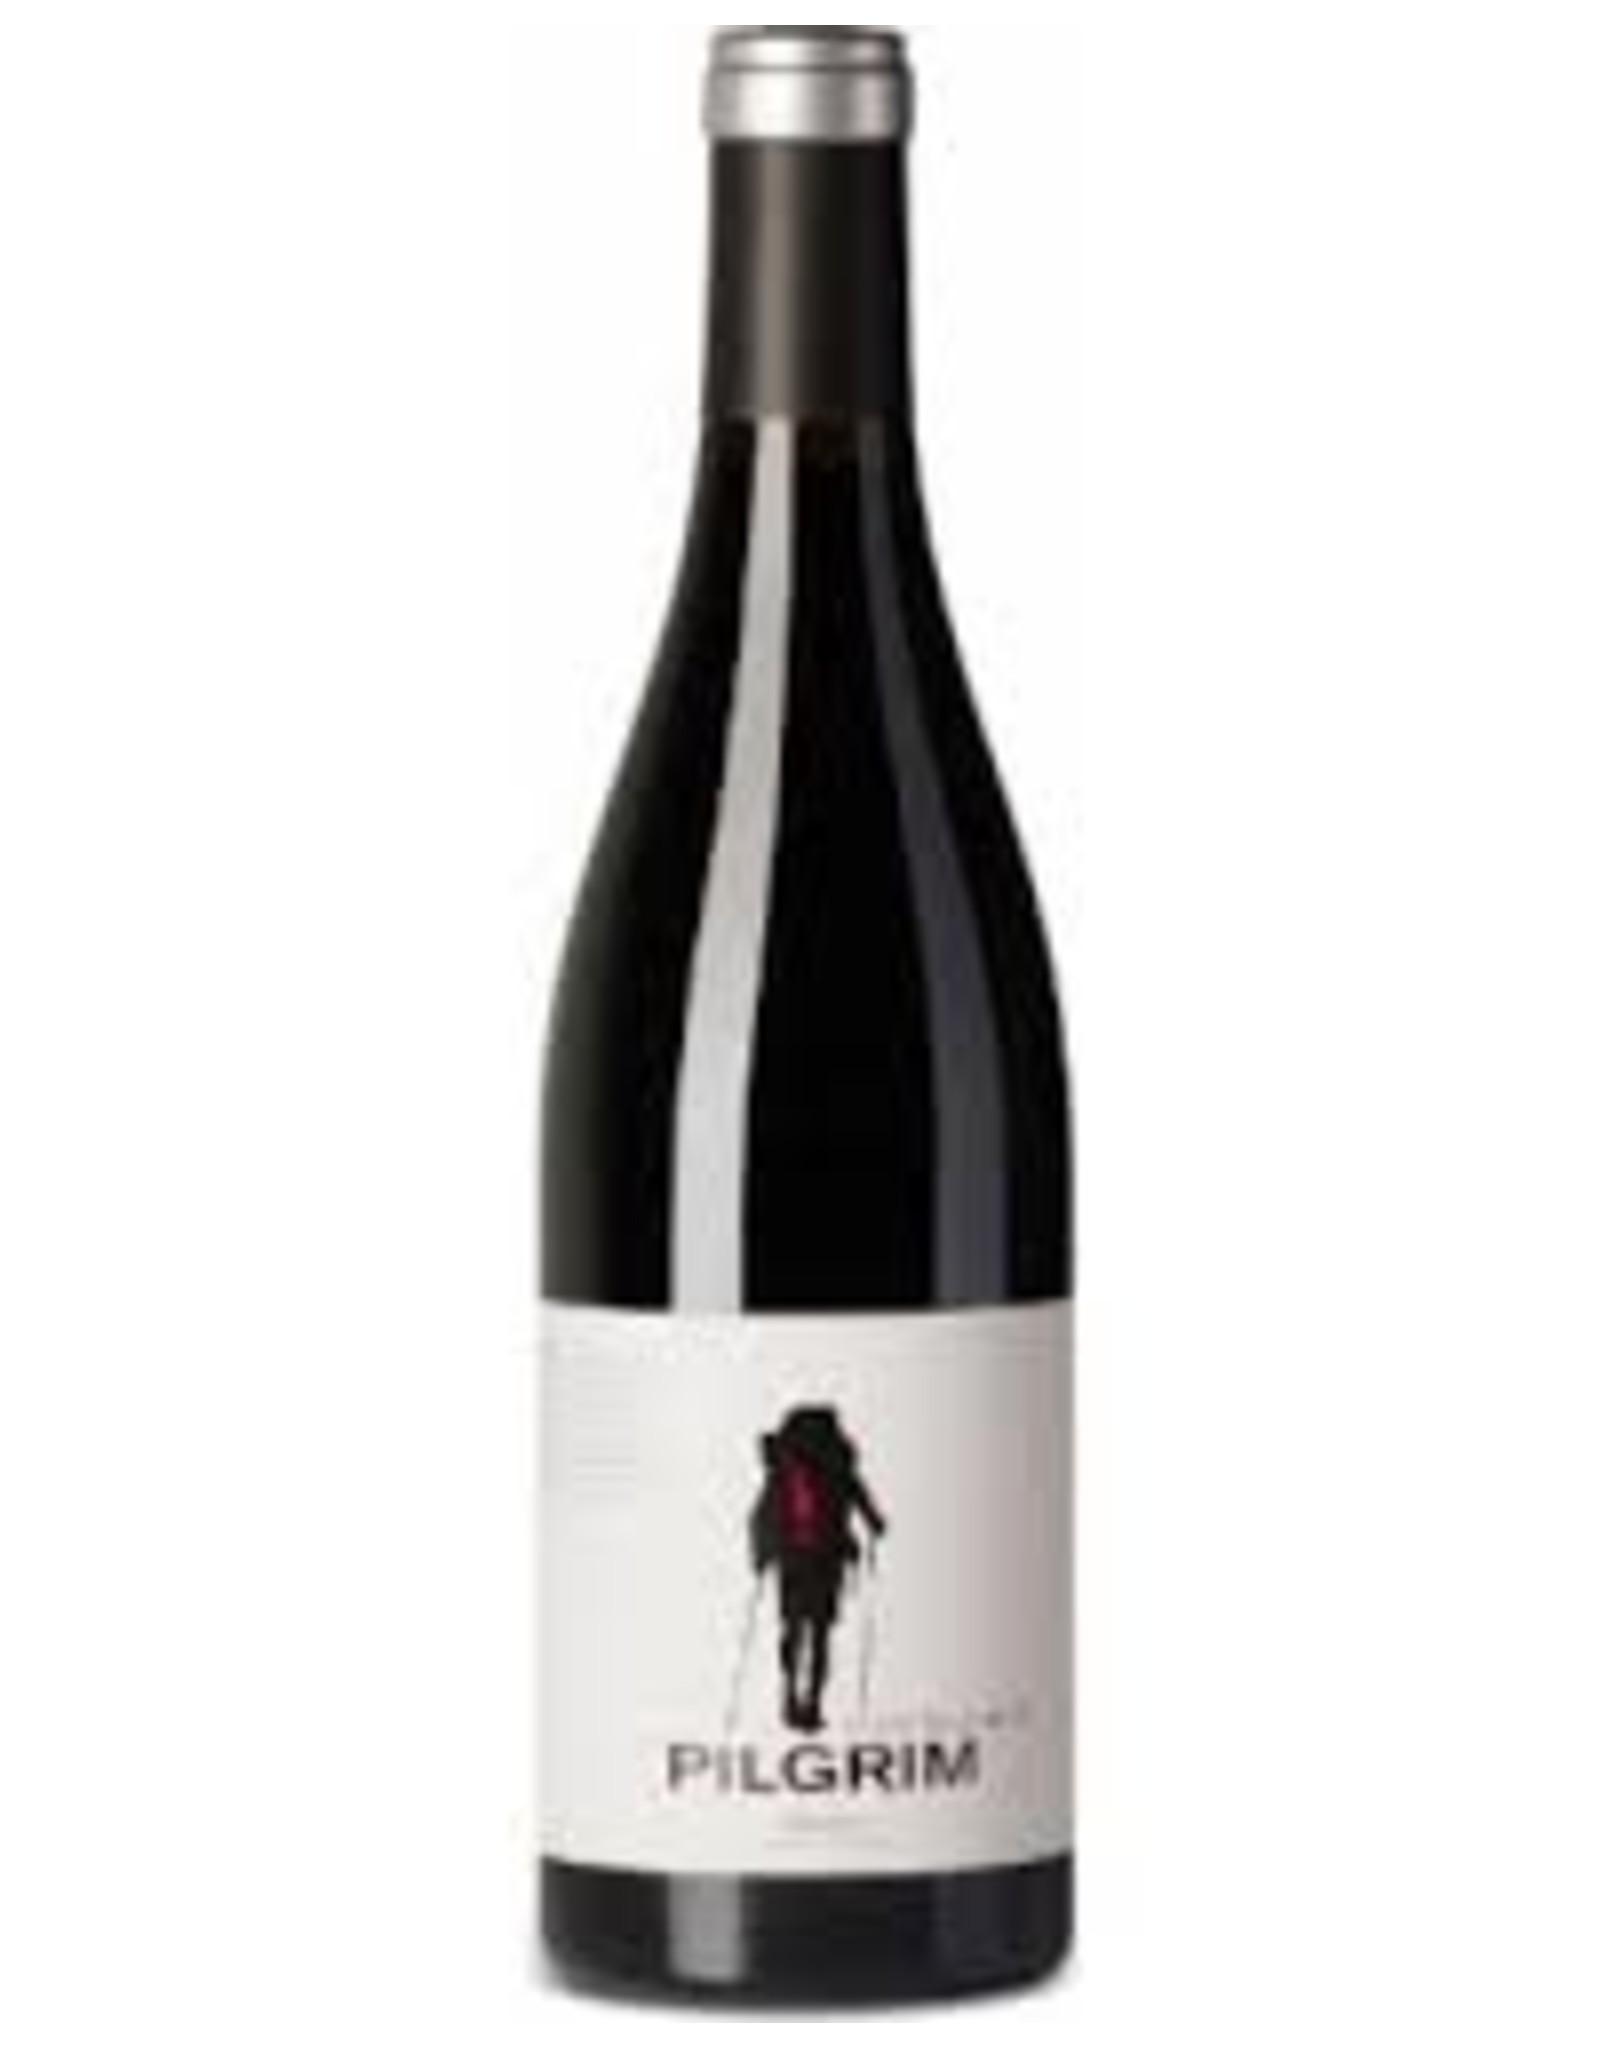 Pilgrim Mencia